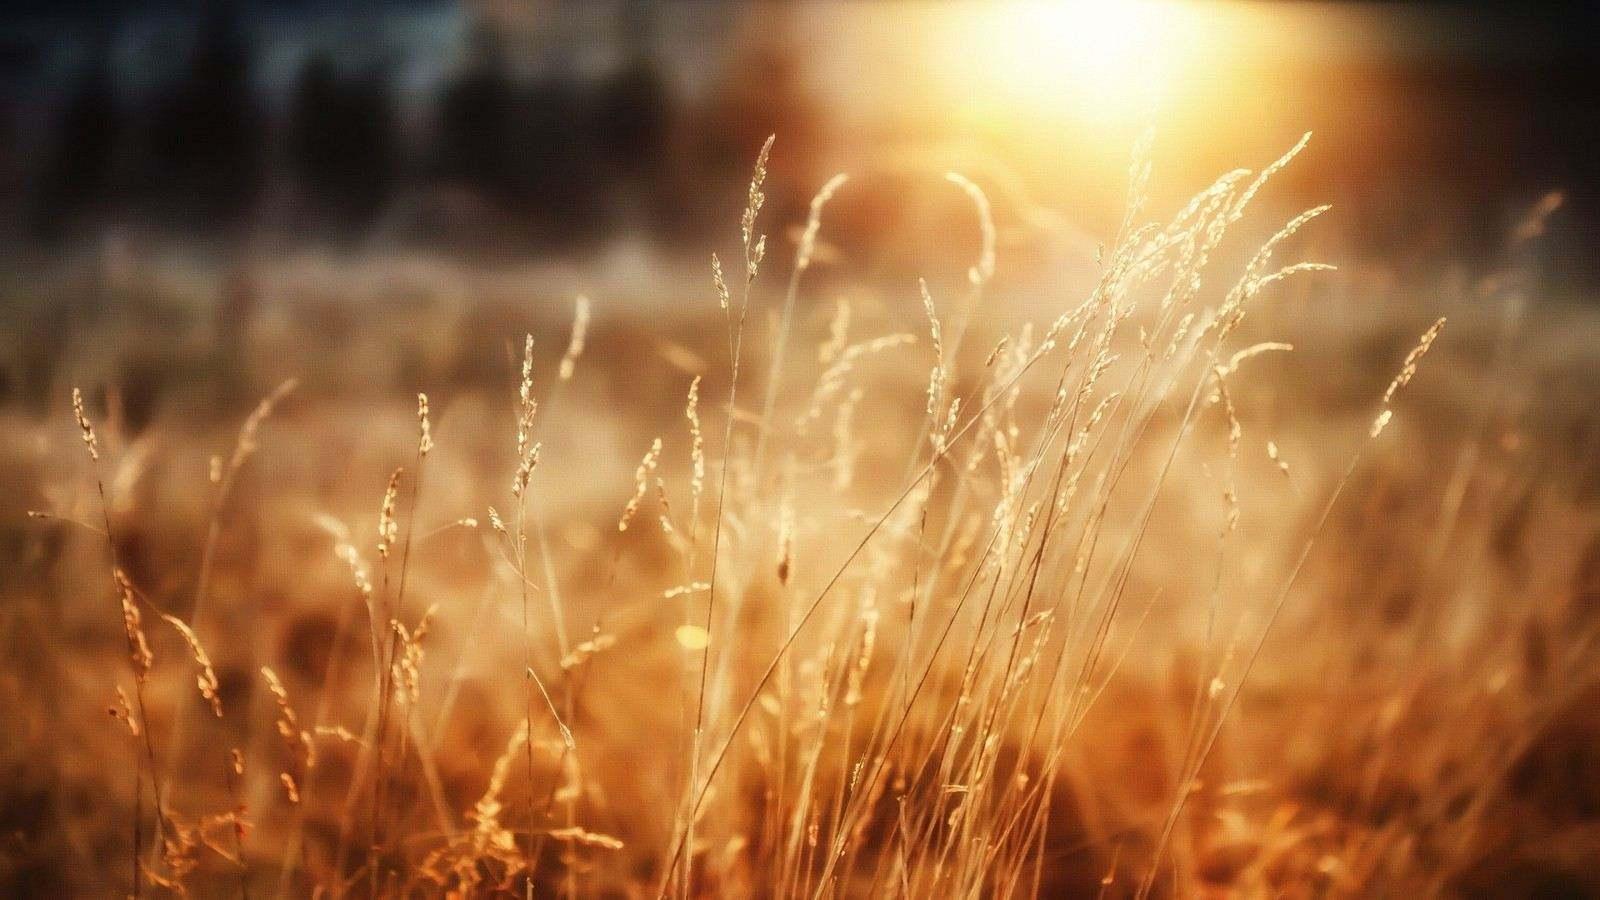 苟活像野草在心中生长插图1